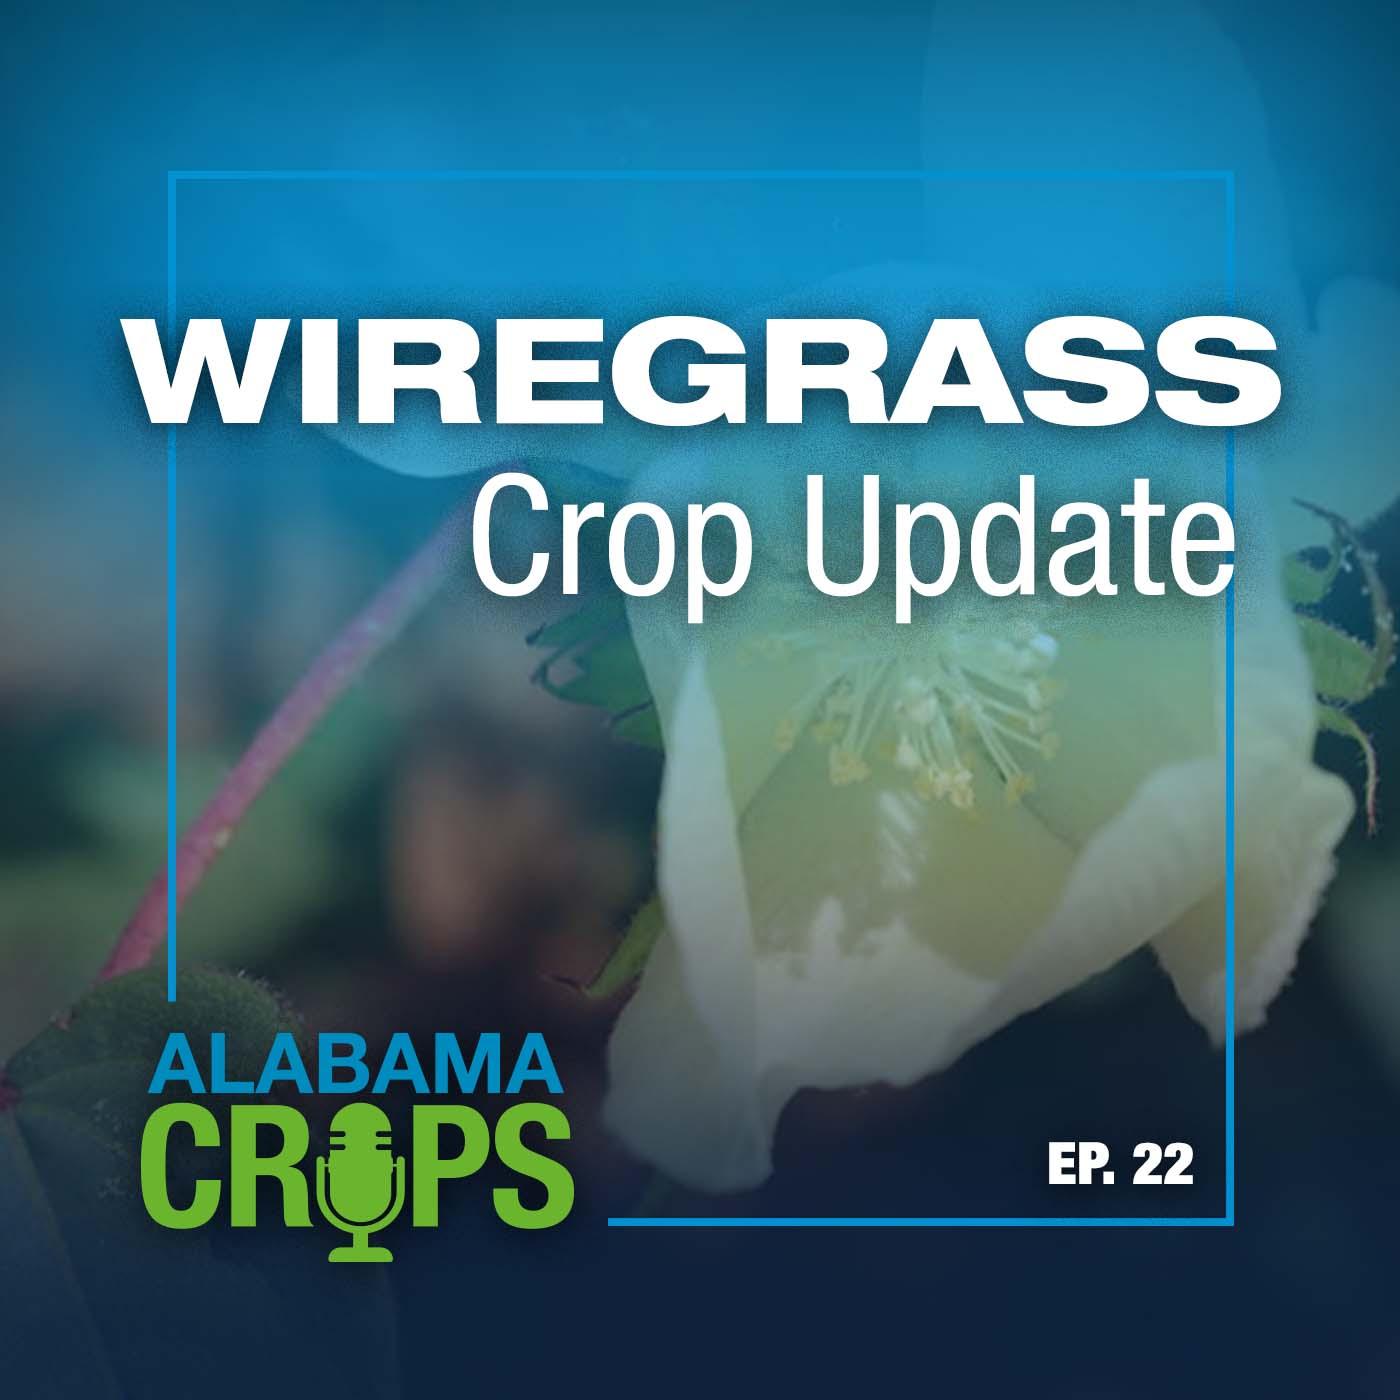 Episode 22—Wiregrass Crop Update